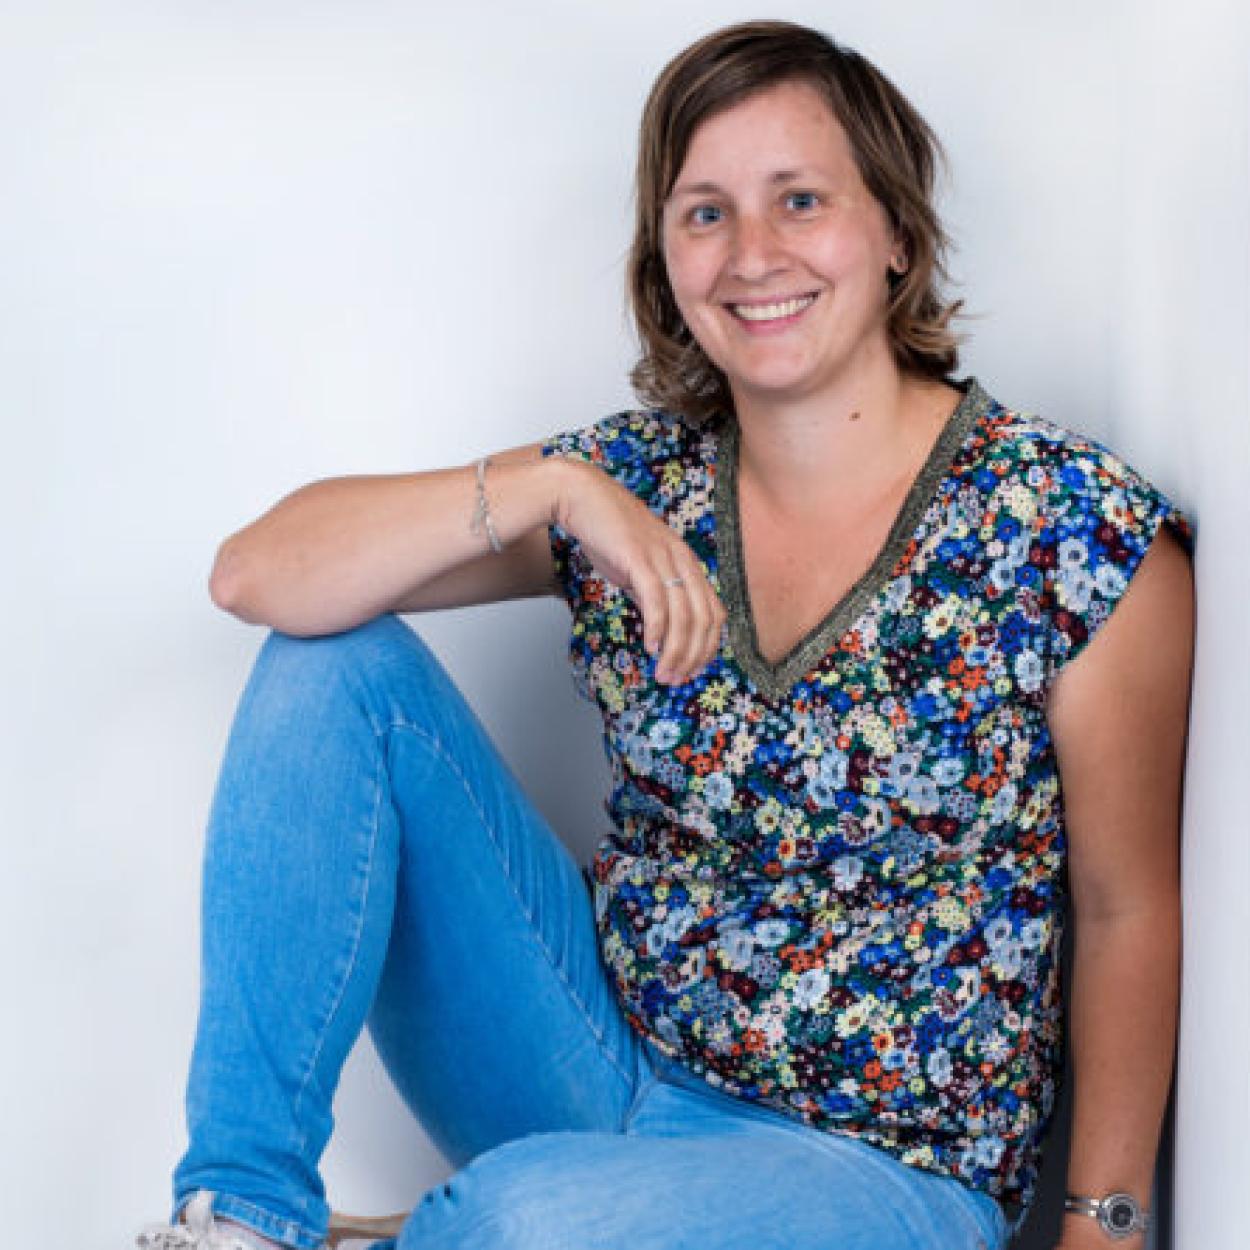 Linda Bouwman-Heijnsdijk